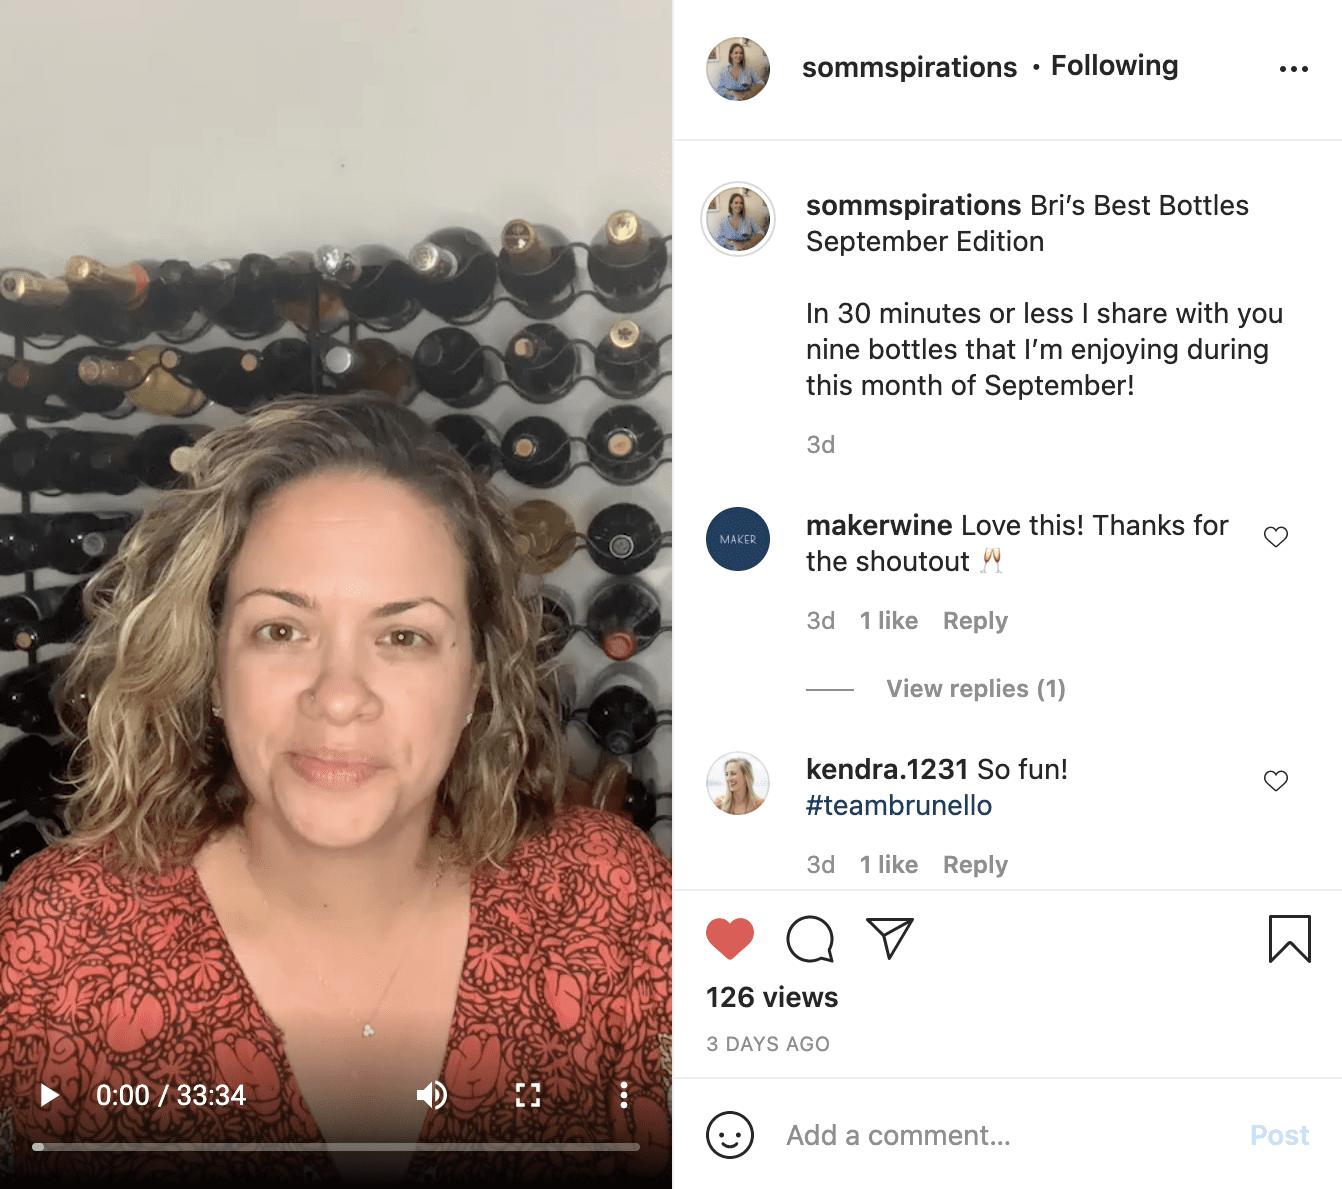 Bri's Best Bottles September Edition